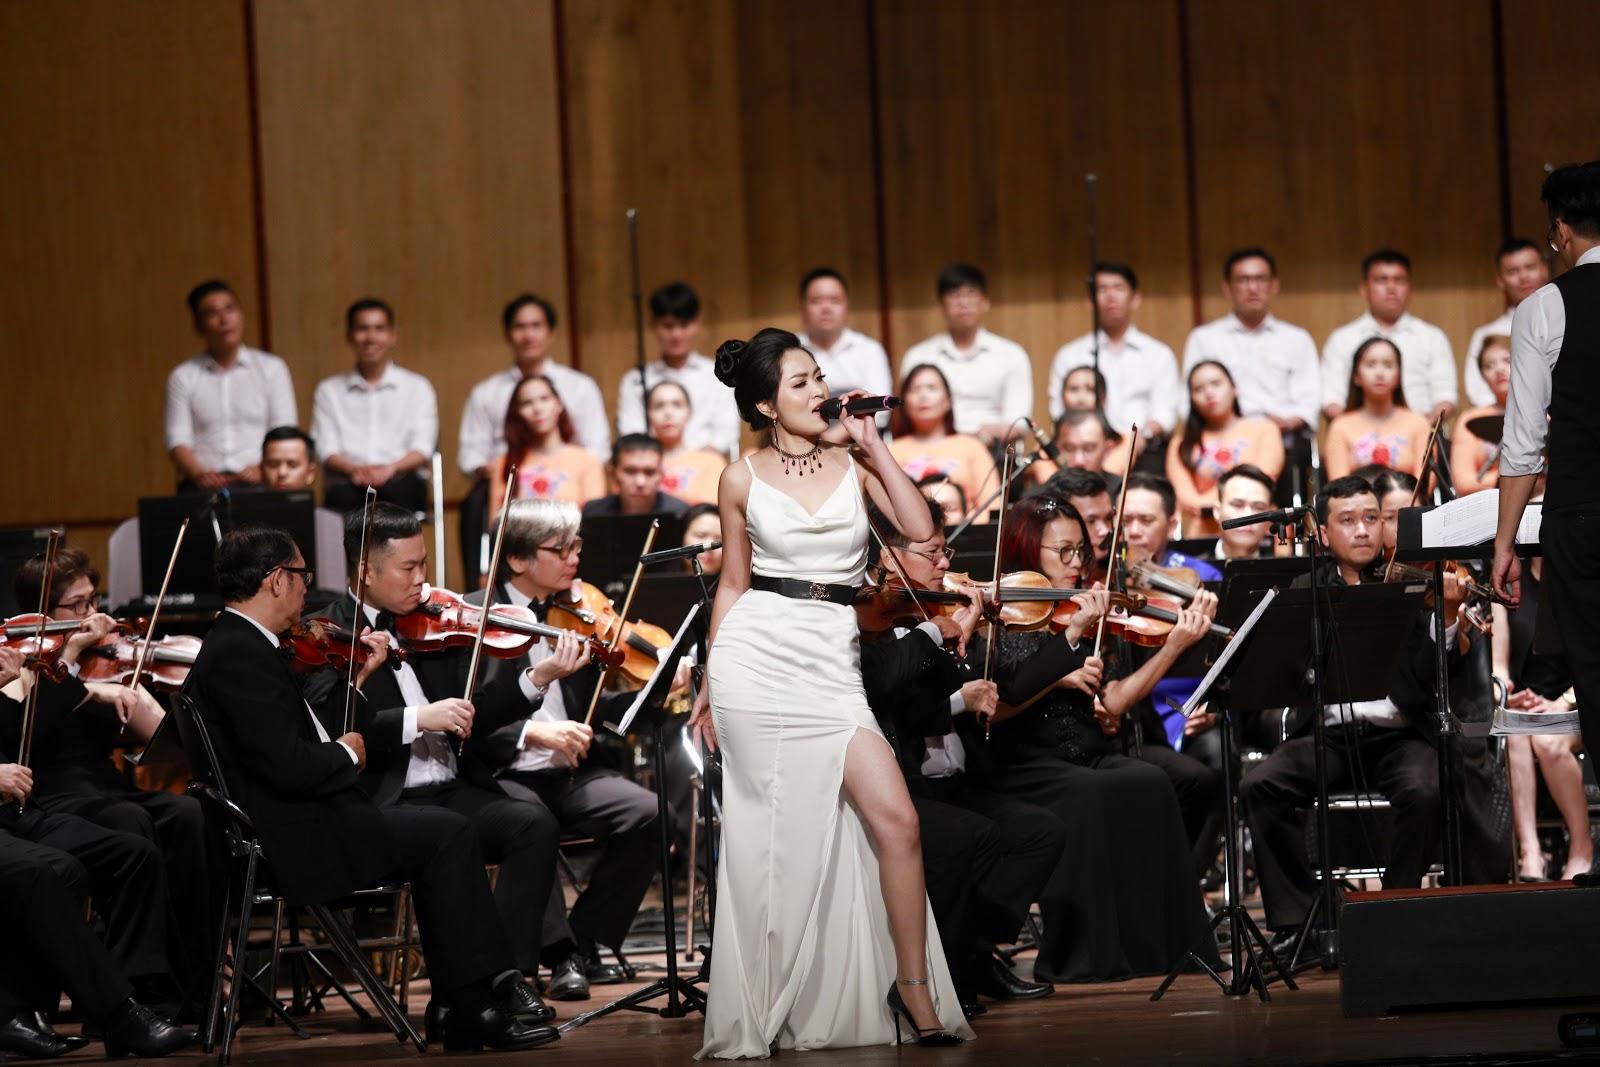 Nguyễn Duyên Quỳnh - Á quân Ban Nhạc Quyền Năng: Tôi có niềm đam mê rất lớn với Broadway - Hình 3